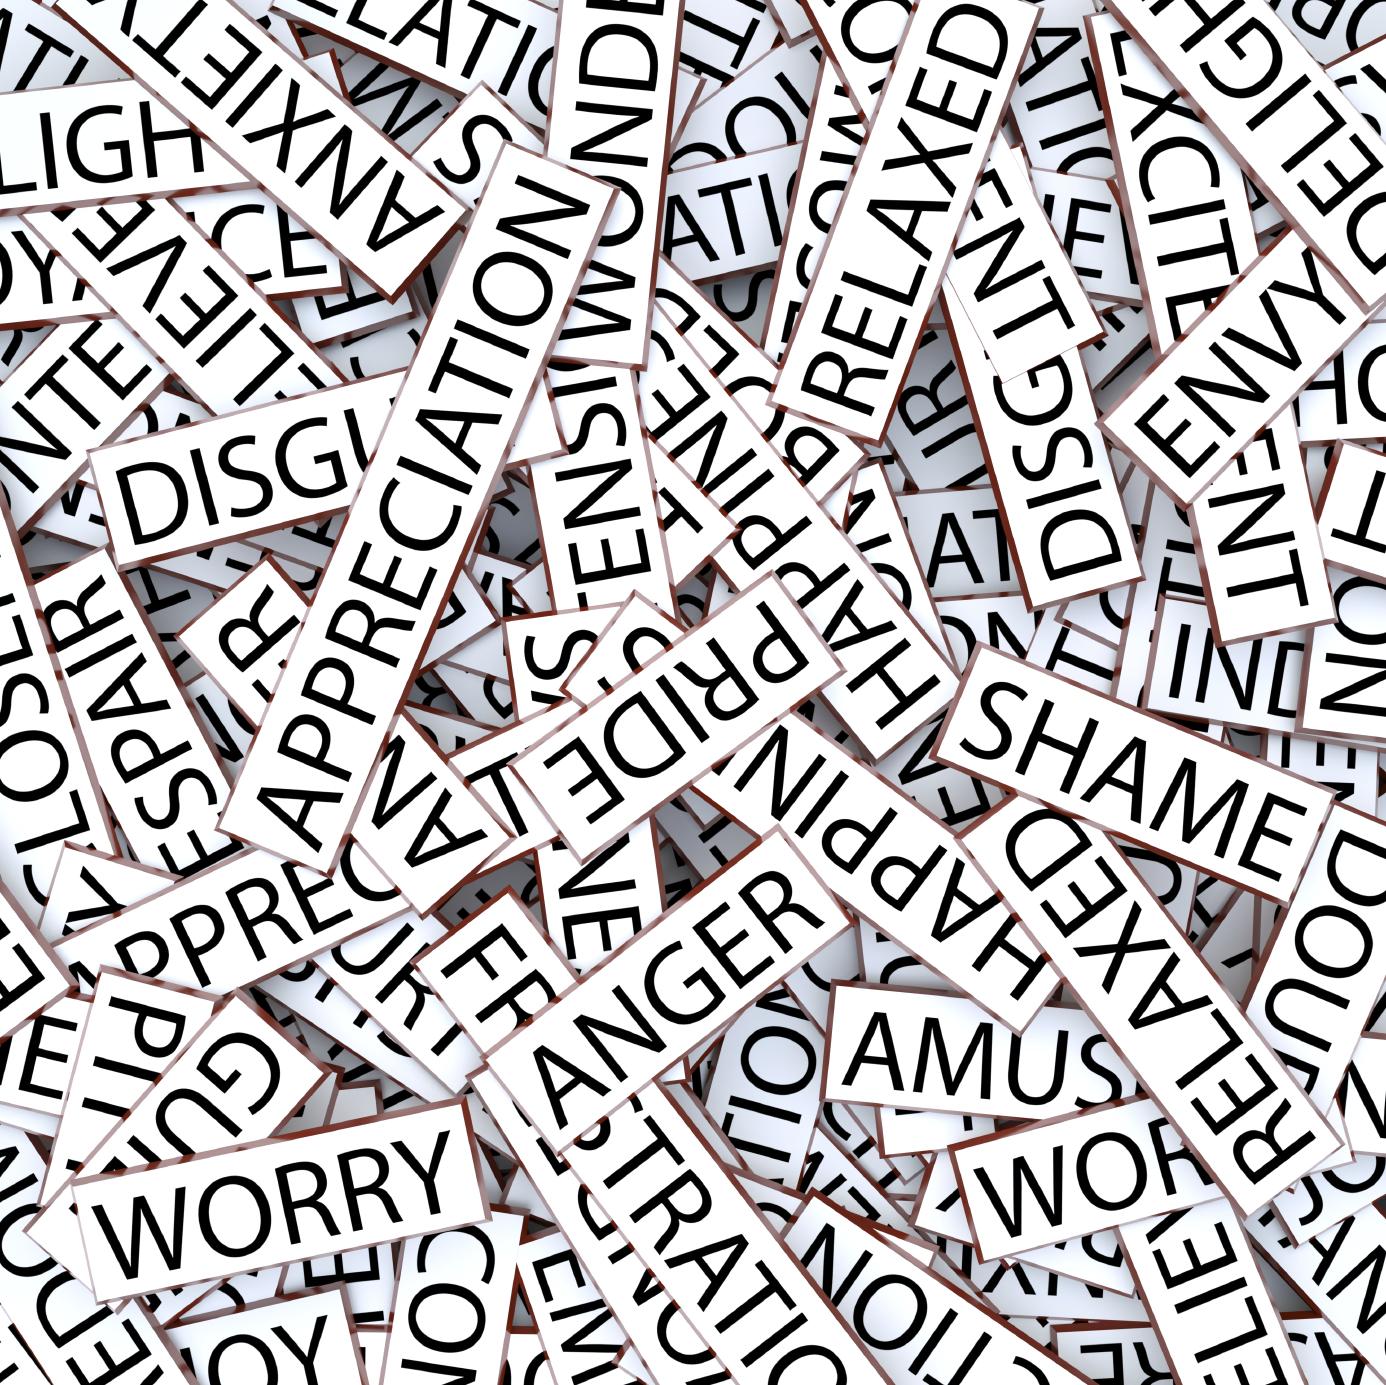 11 Feelings Great Writers Fondle